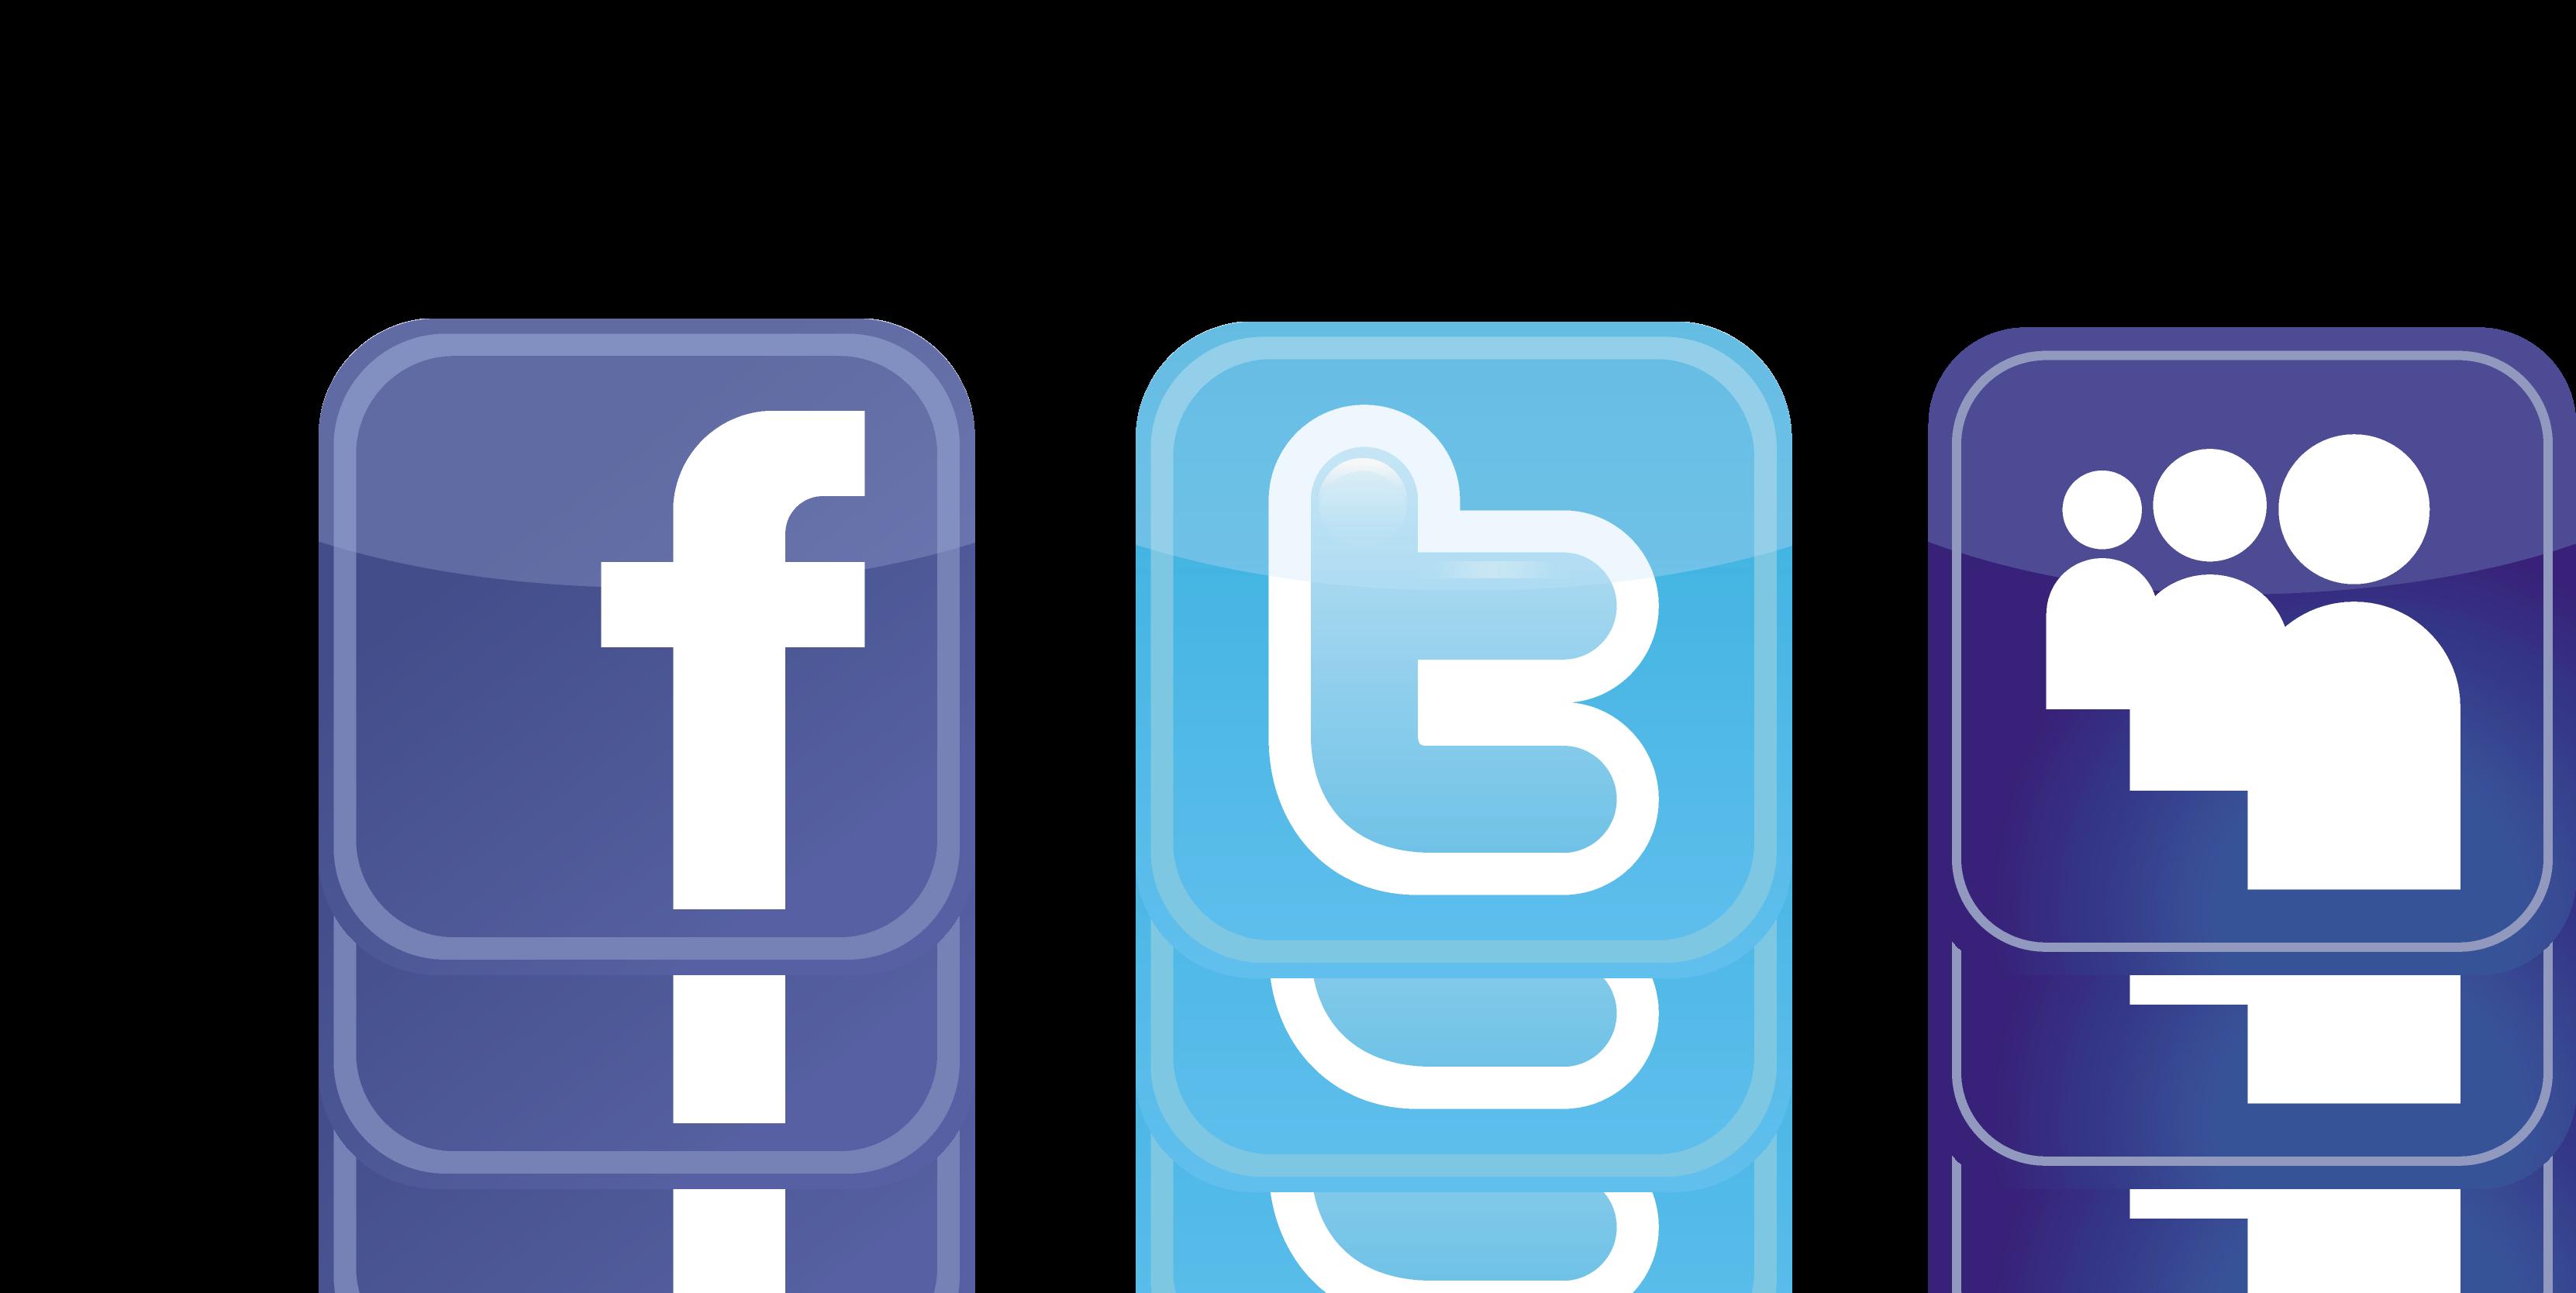 Facebook social media clipart jpg transparent download Facebook media icon clipart - ClipartFest jpg transparent download